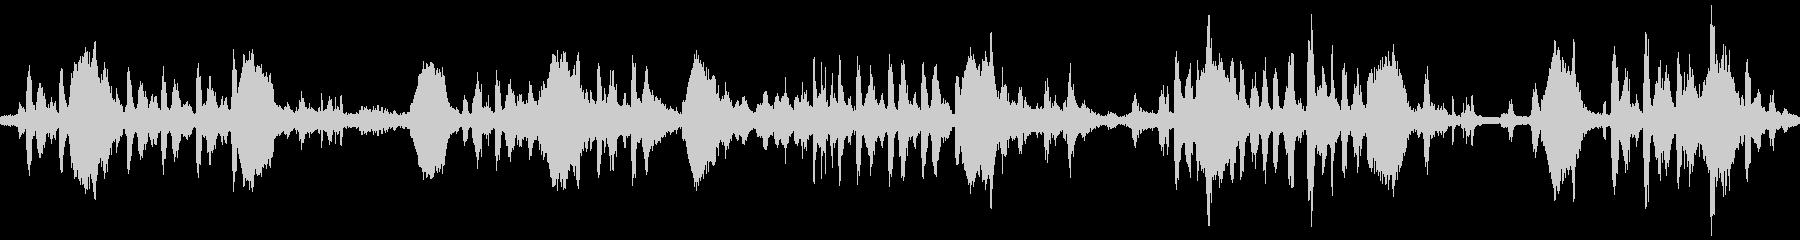 【環境音ループ仕様】朝の鳥の鳴き声01の未再生の波形